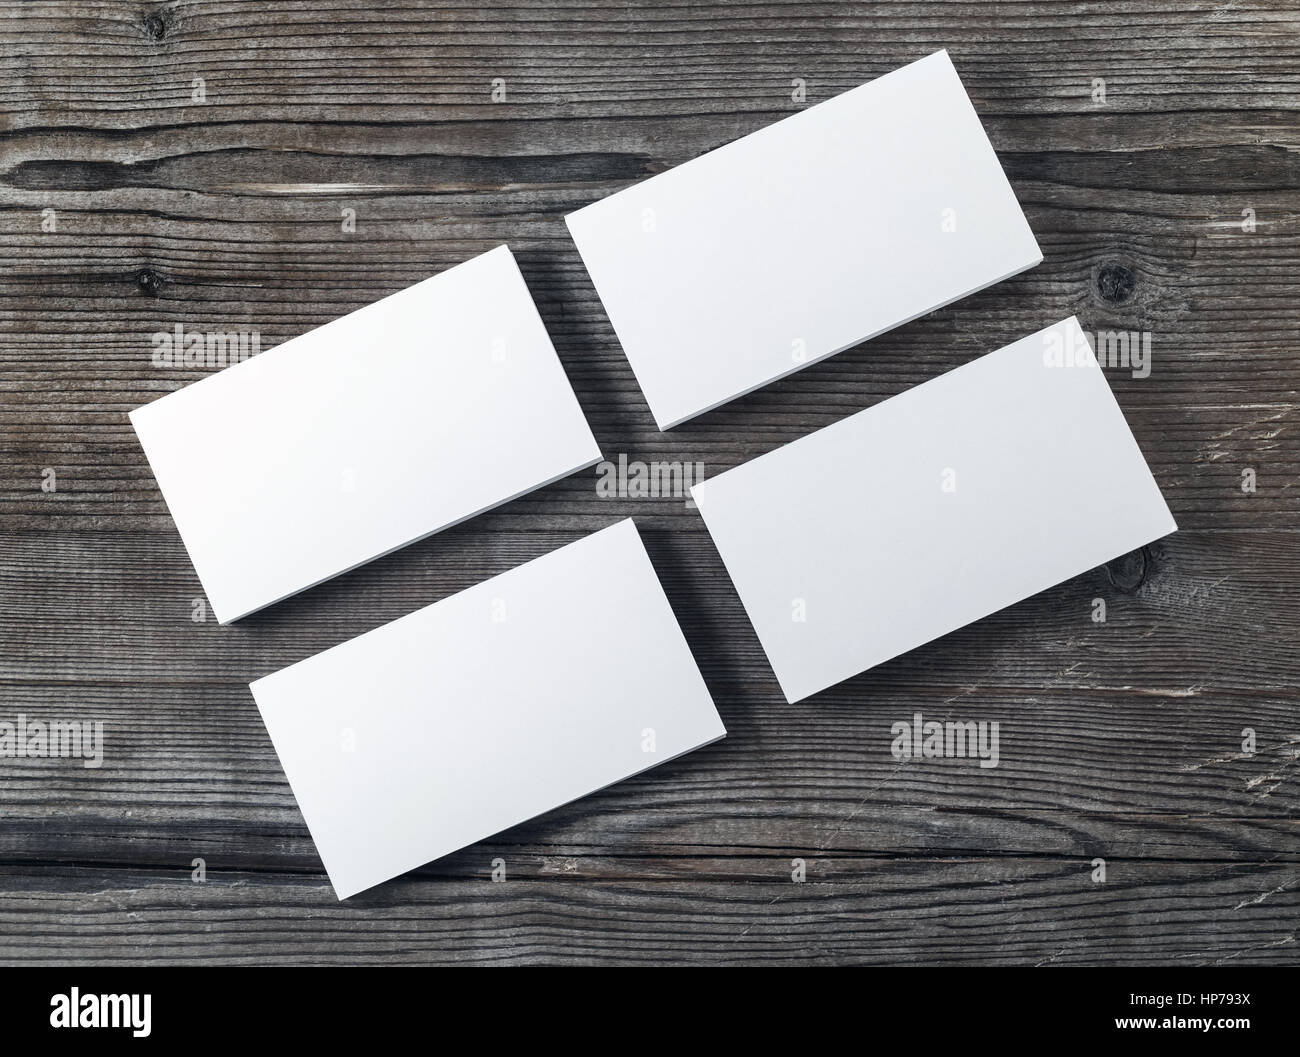 Vier Leer Stapel Von Visitenkarten Auf Holztisch Hintergrund